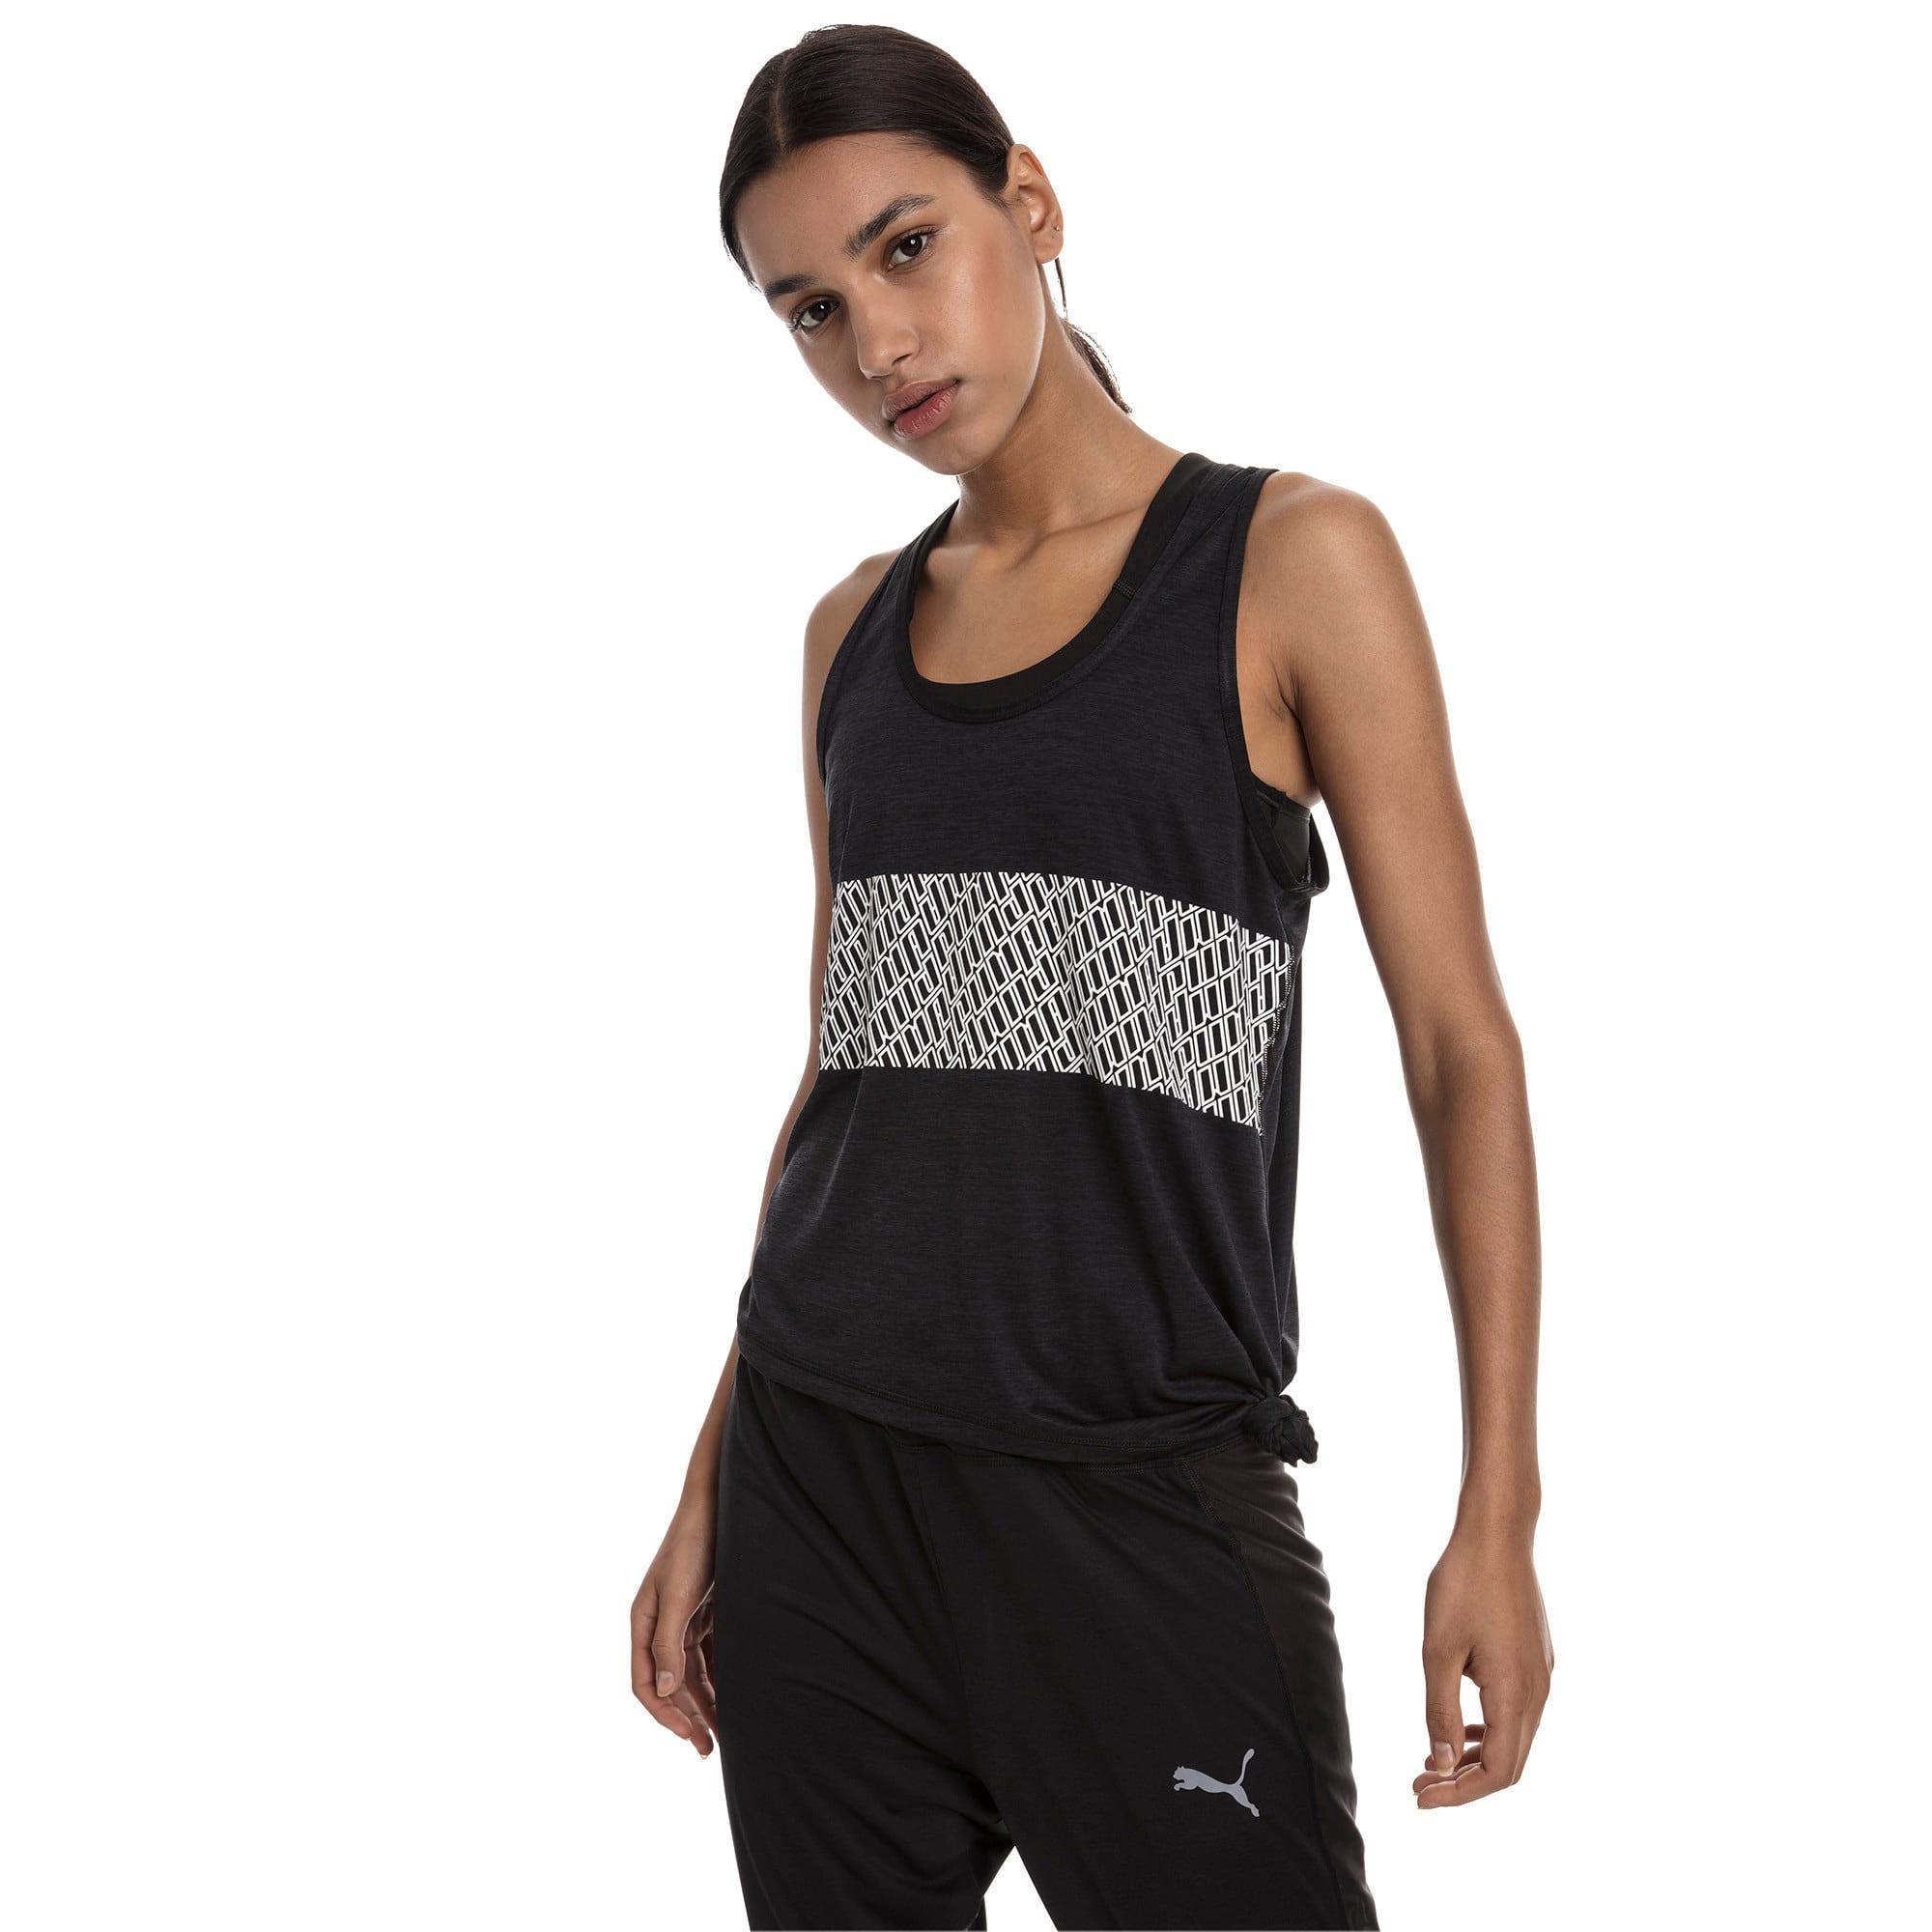 Miniatura 1 de Camiseta sin mangas con logo atractivo, Puma Black Heather, mediano